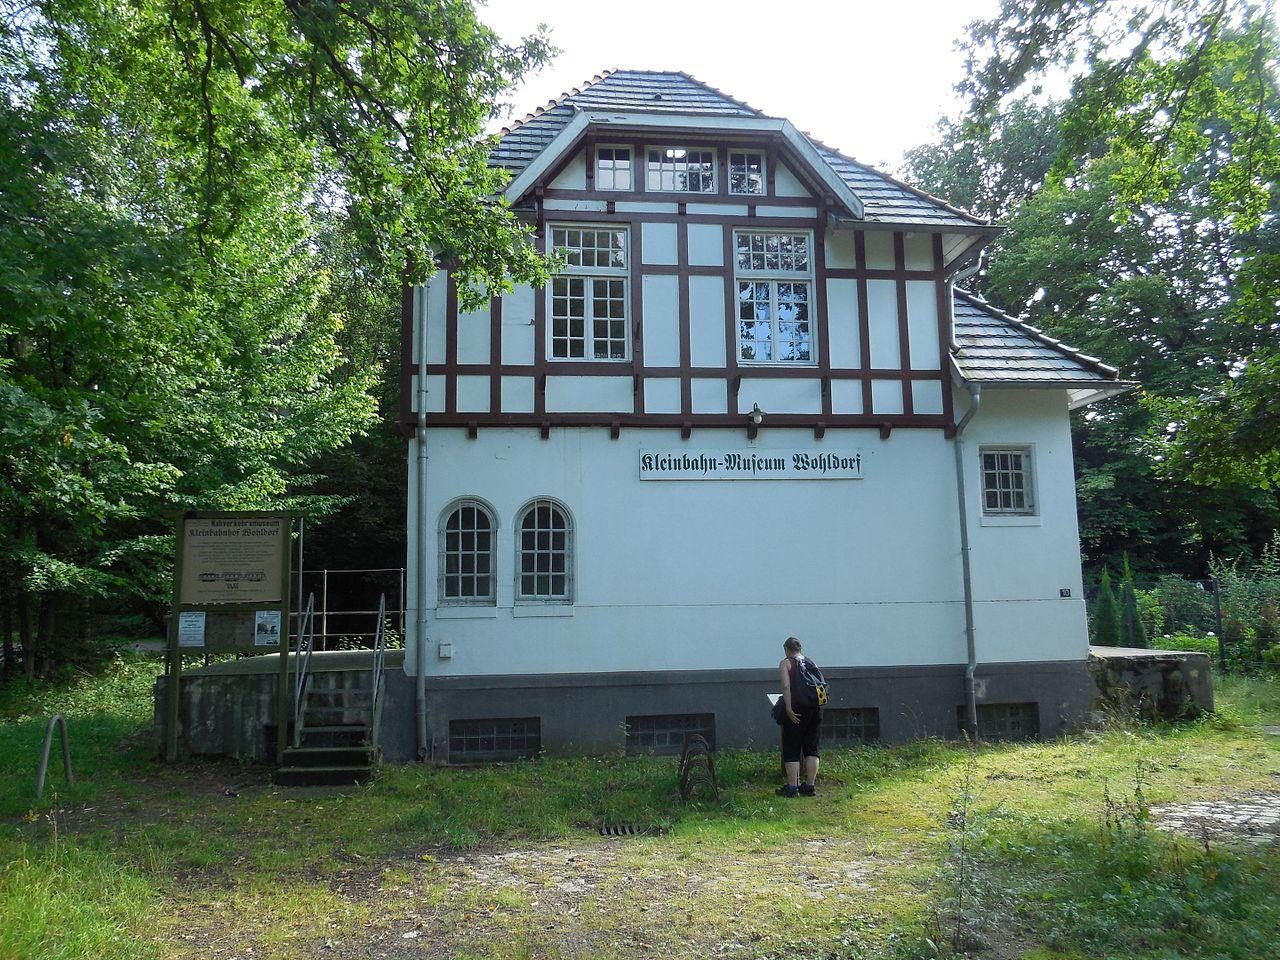 Bild Kleinbahn Wohlsdorf